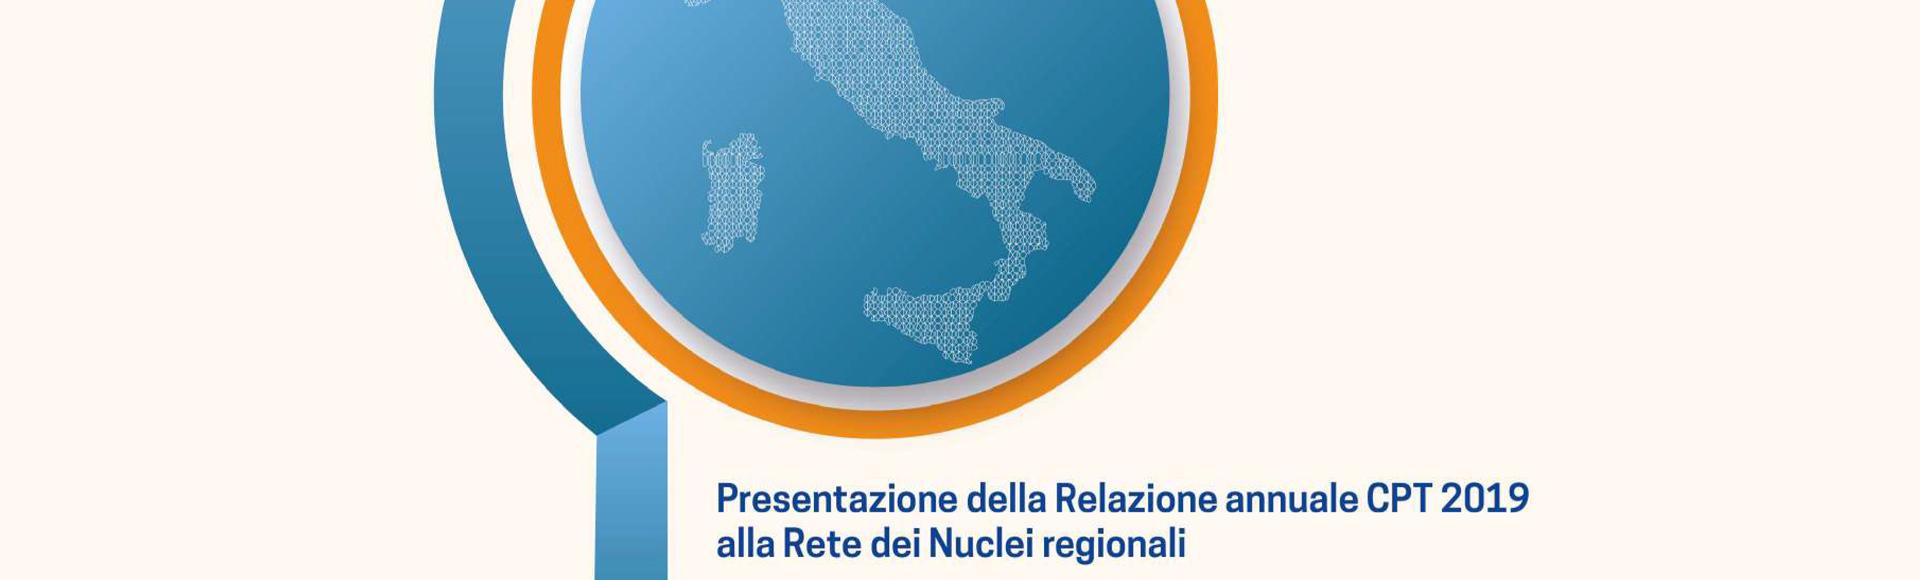 Presentazione della Relazione annuale CPT